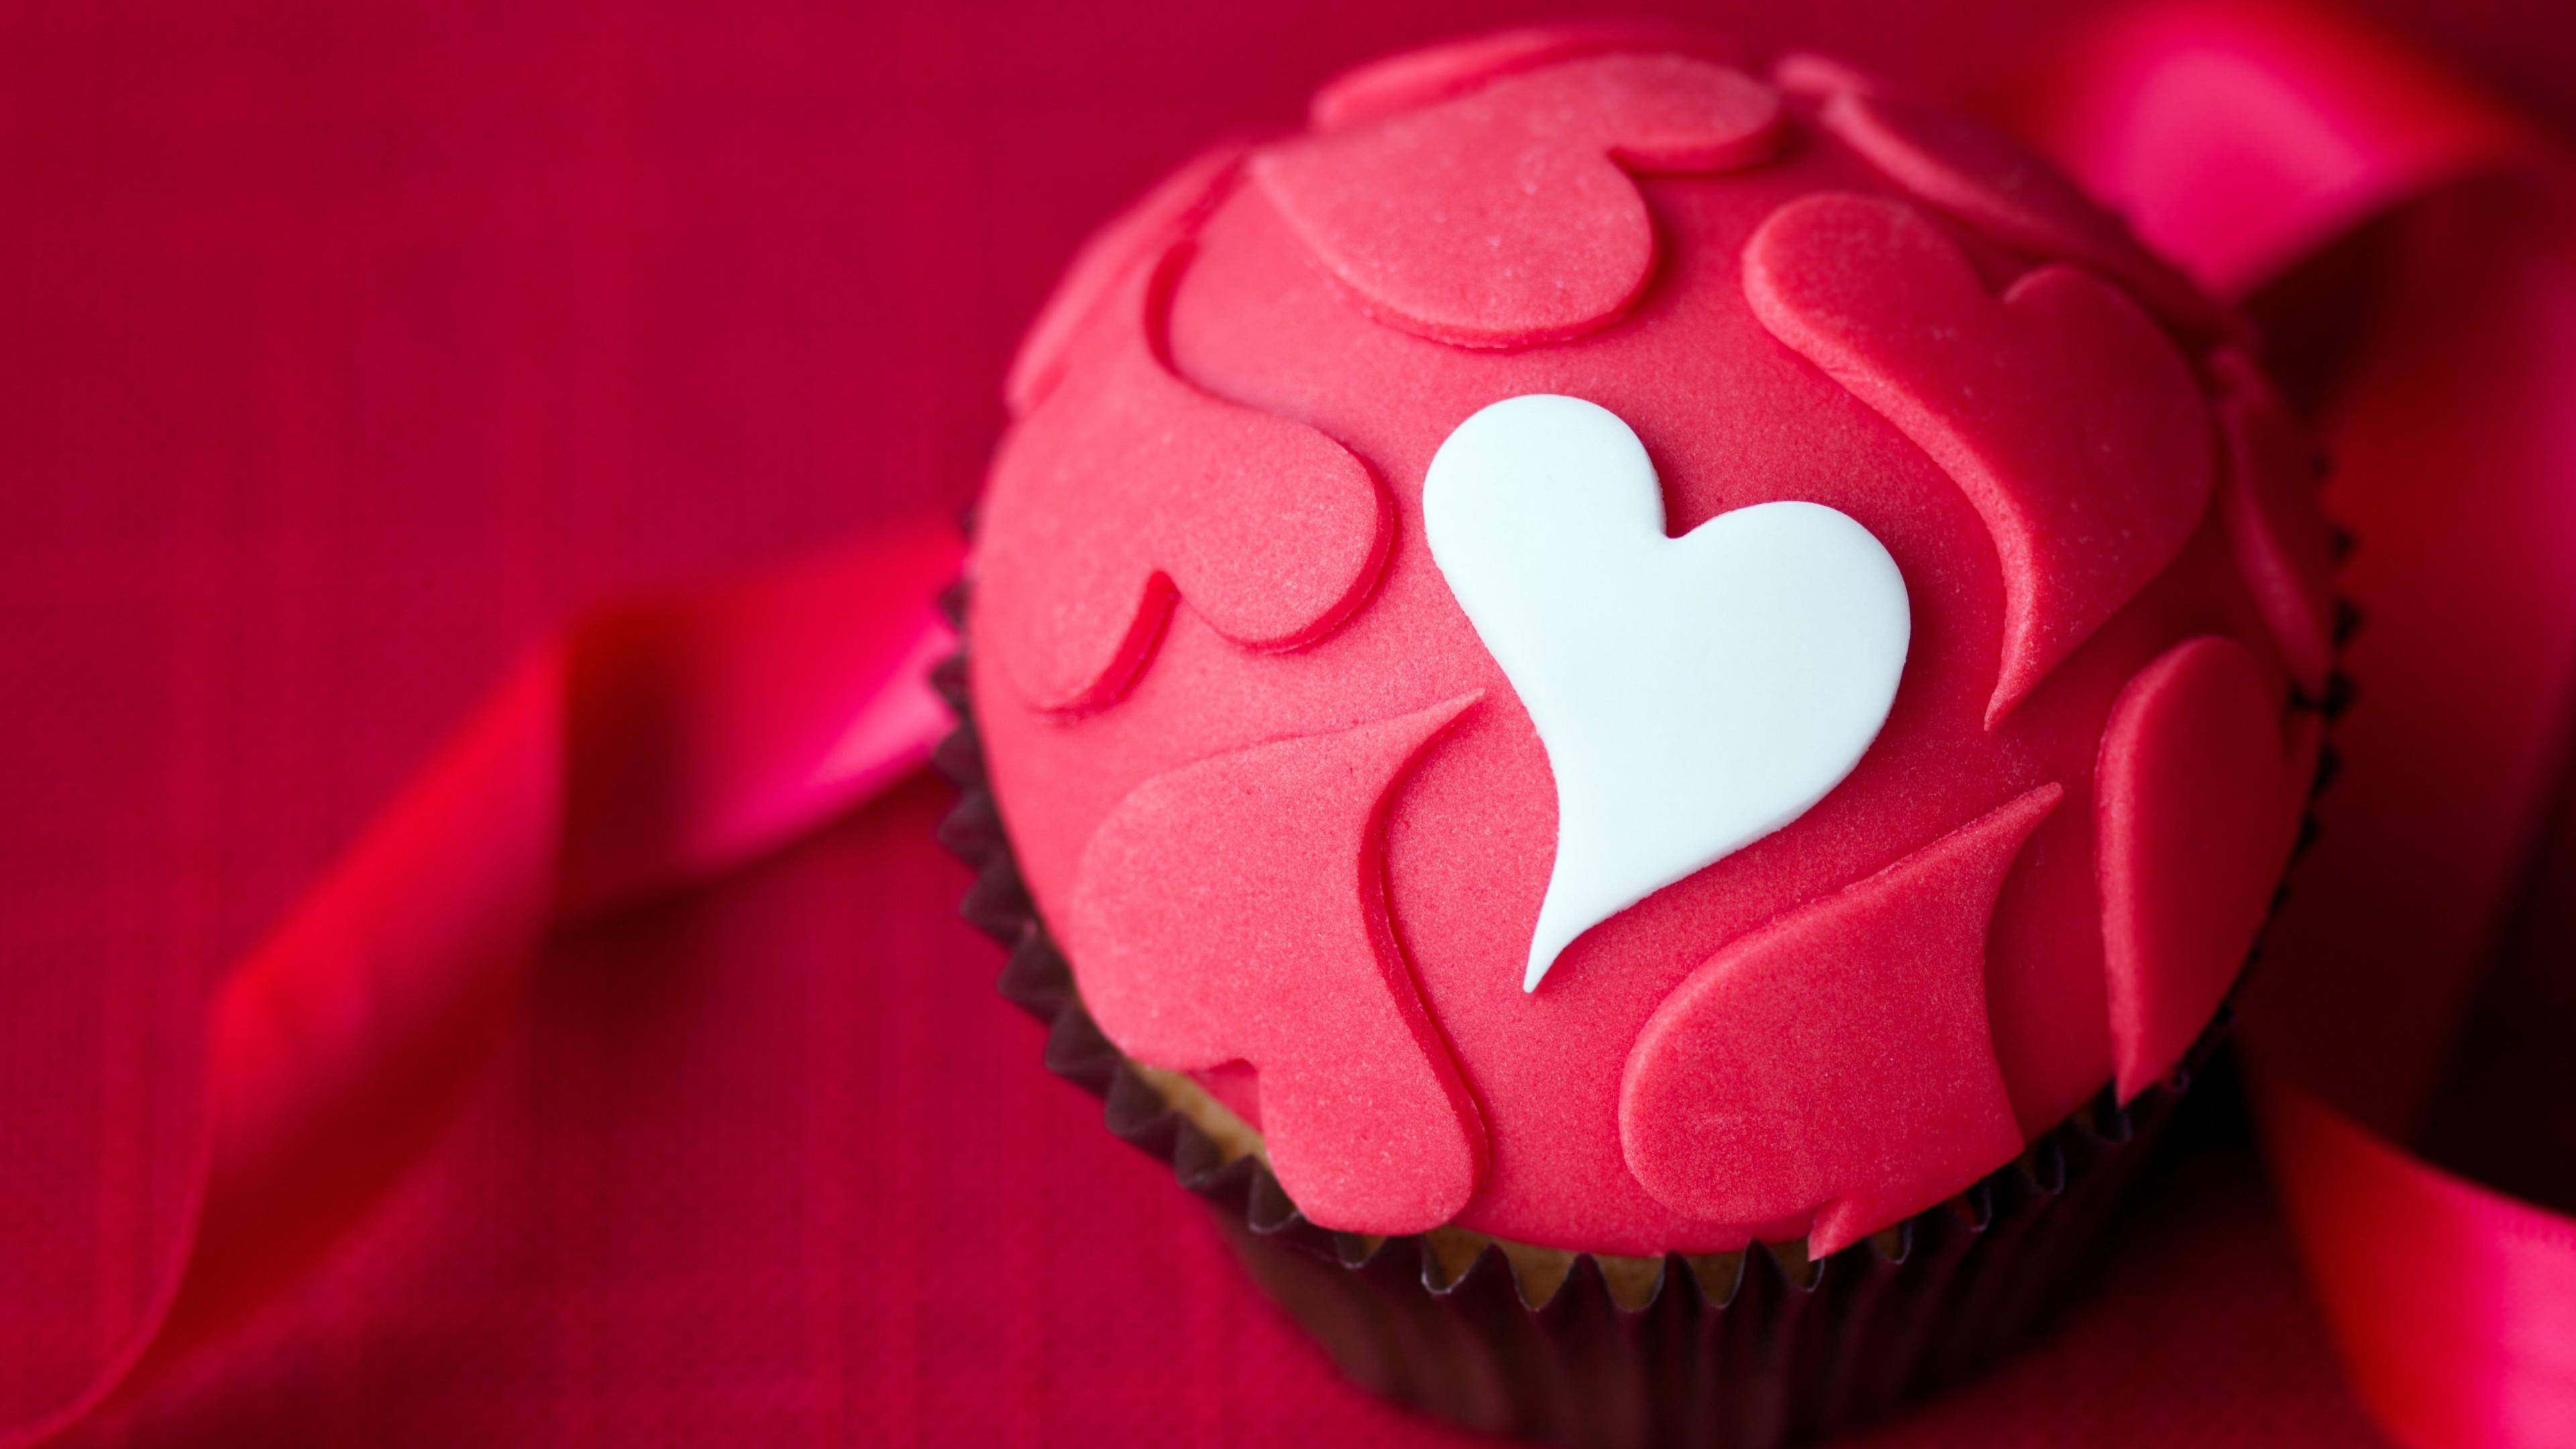 Подарочный  кекс с малиновыми и белым сердечками с красной шелковой лентой